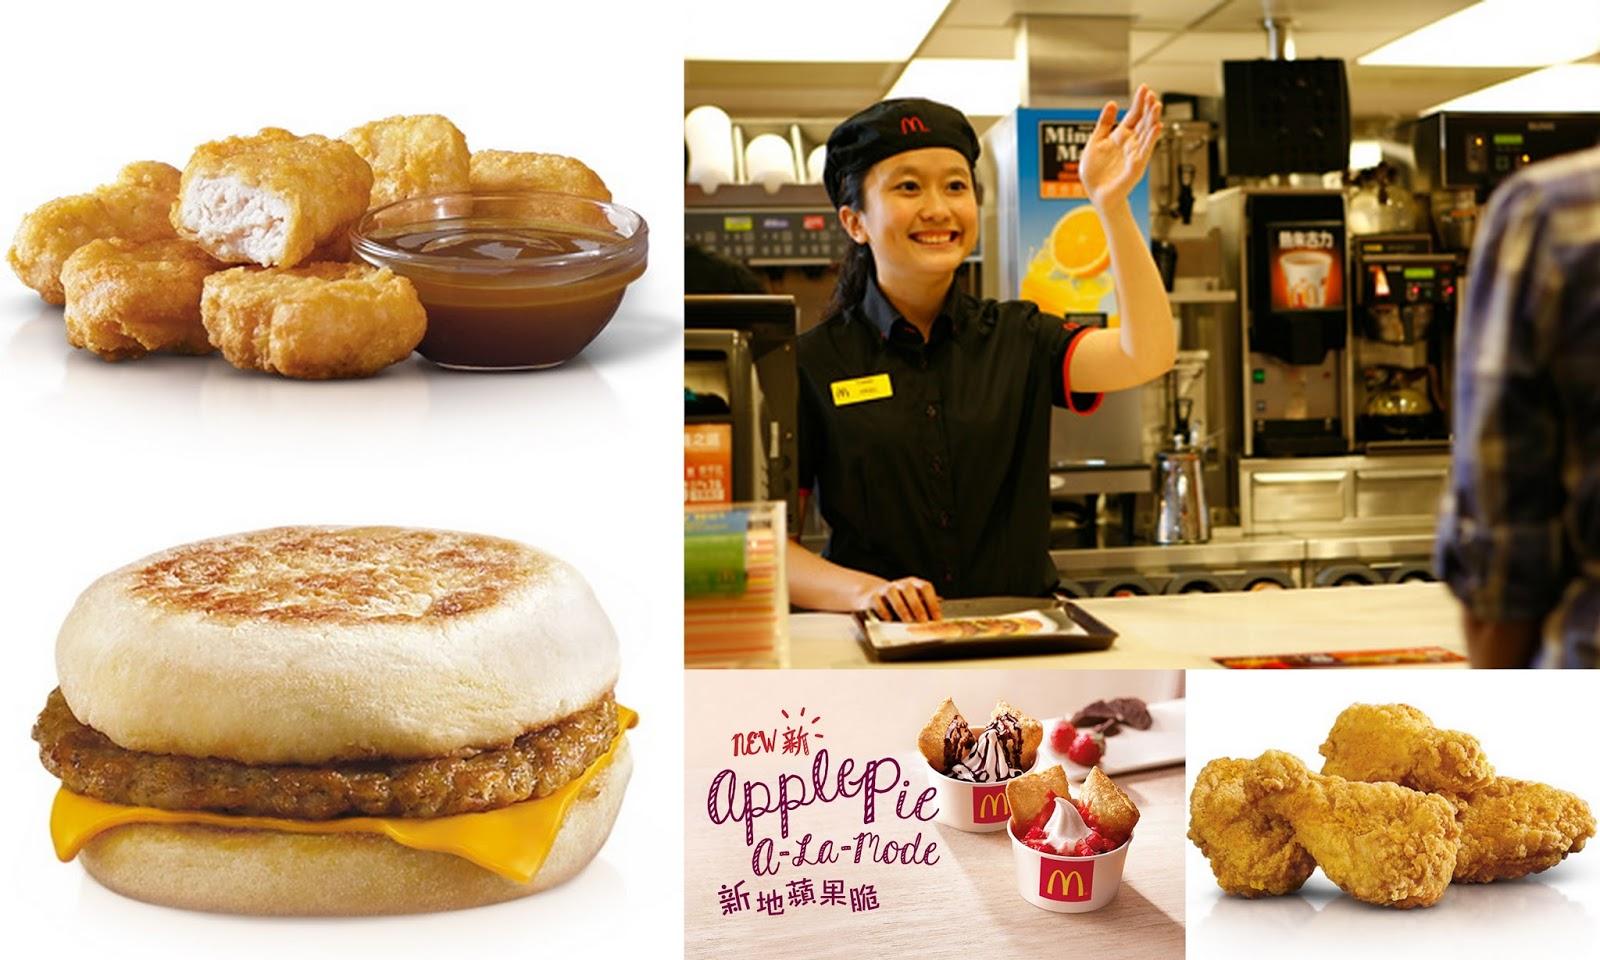 即日起 mcdonald's $10 每天一款特價 有麥樂雞,漢堡包,雞翼配飲品,新地,豬柳漢堡優惠